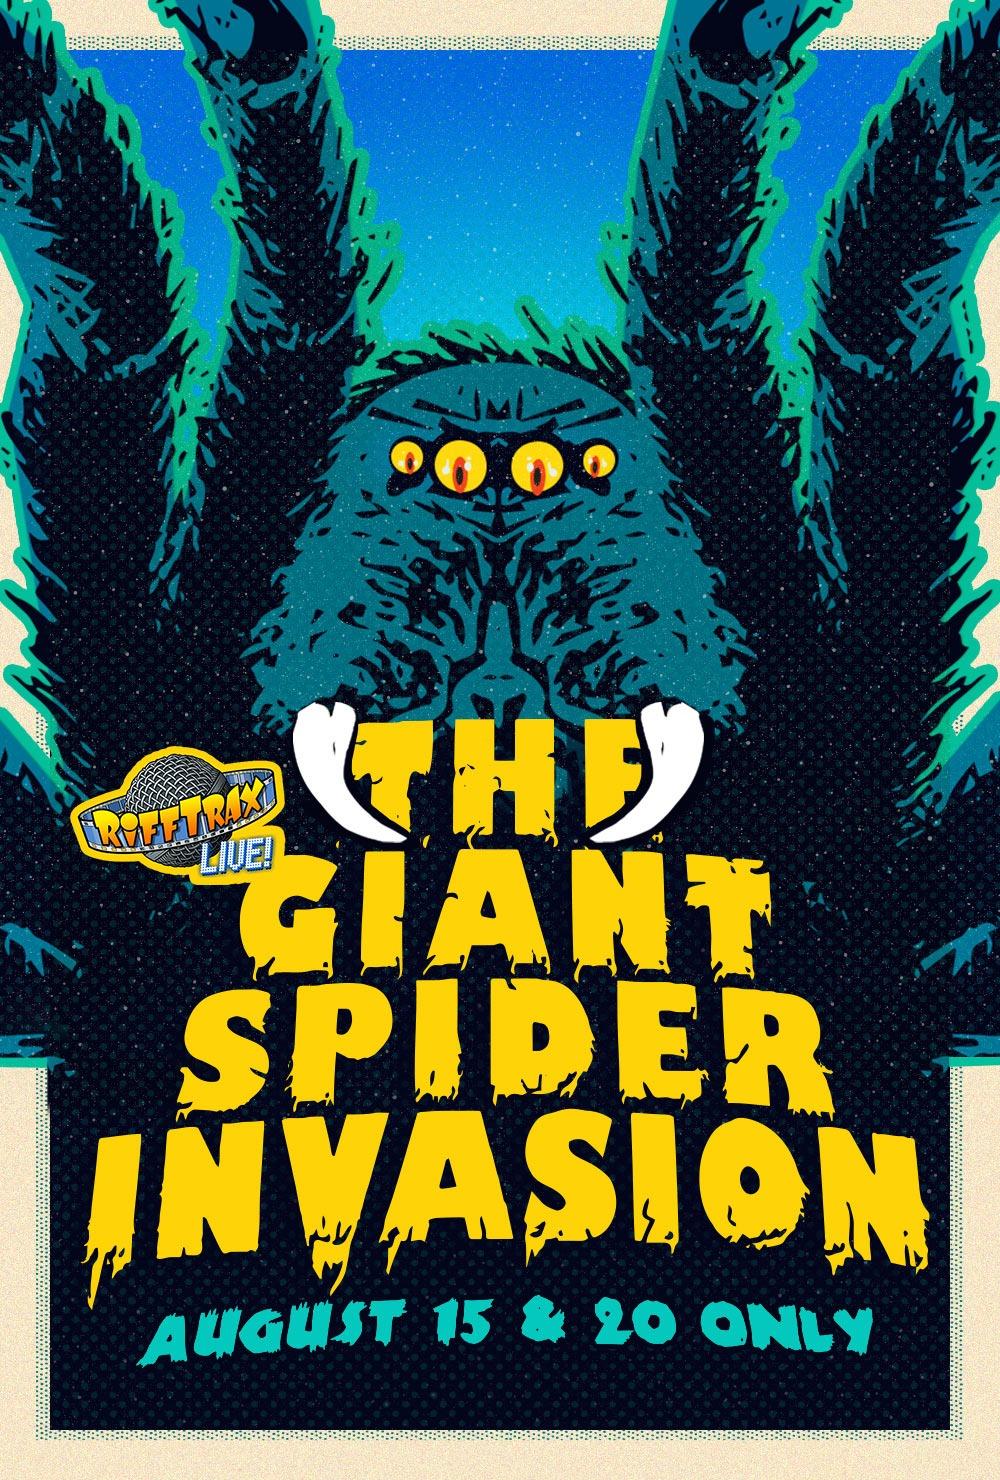 RiffTrax Live: Giant Spider Invasion -